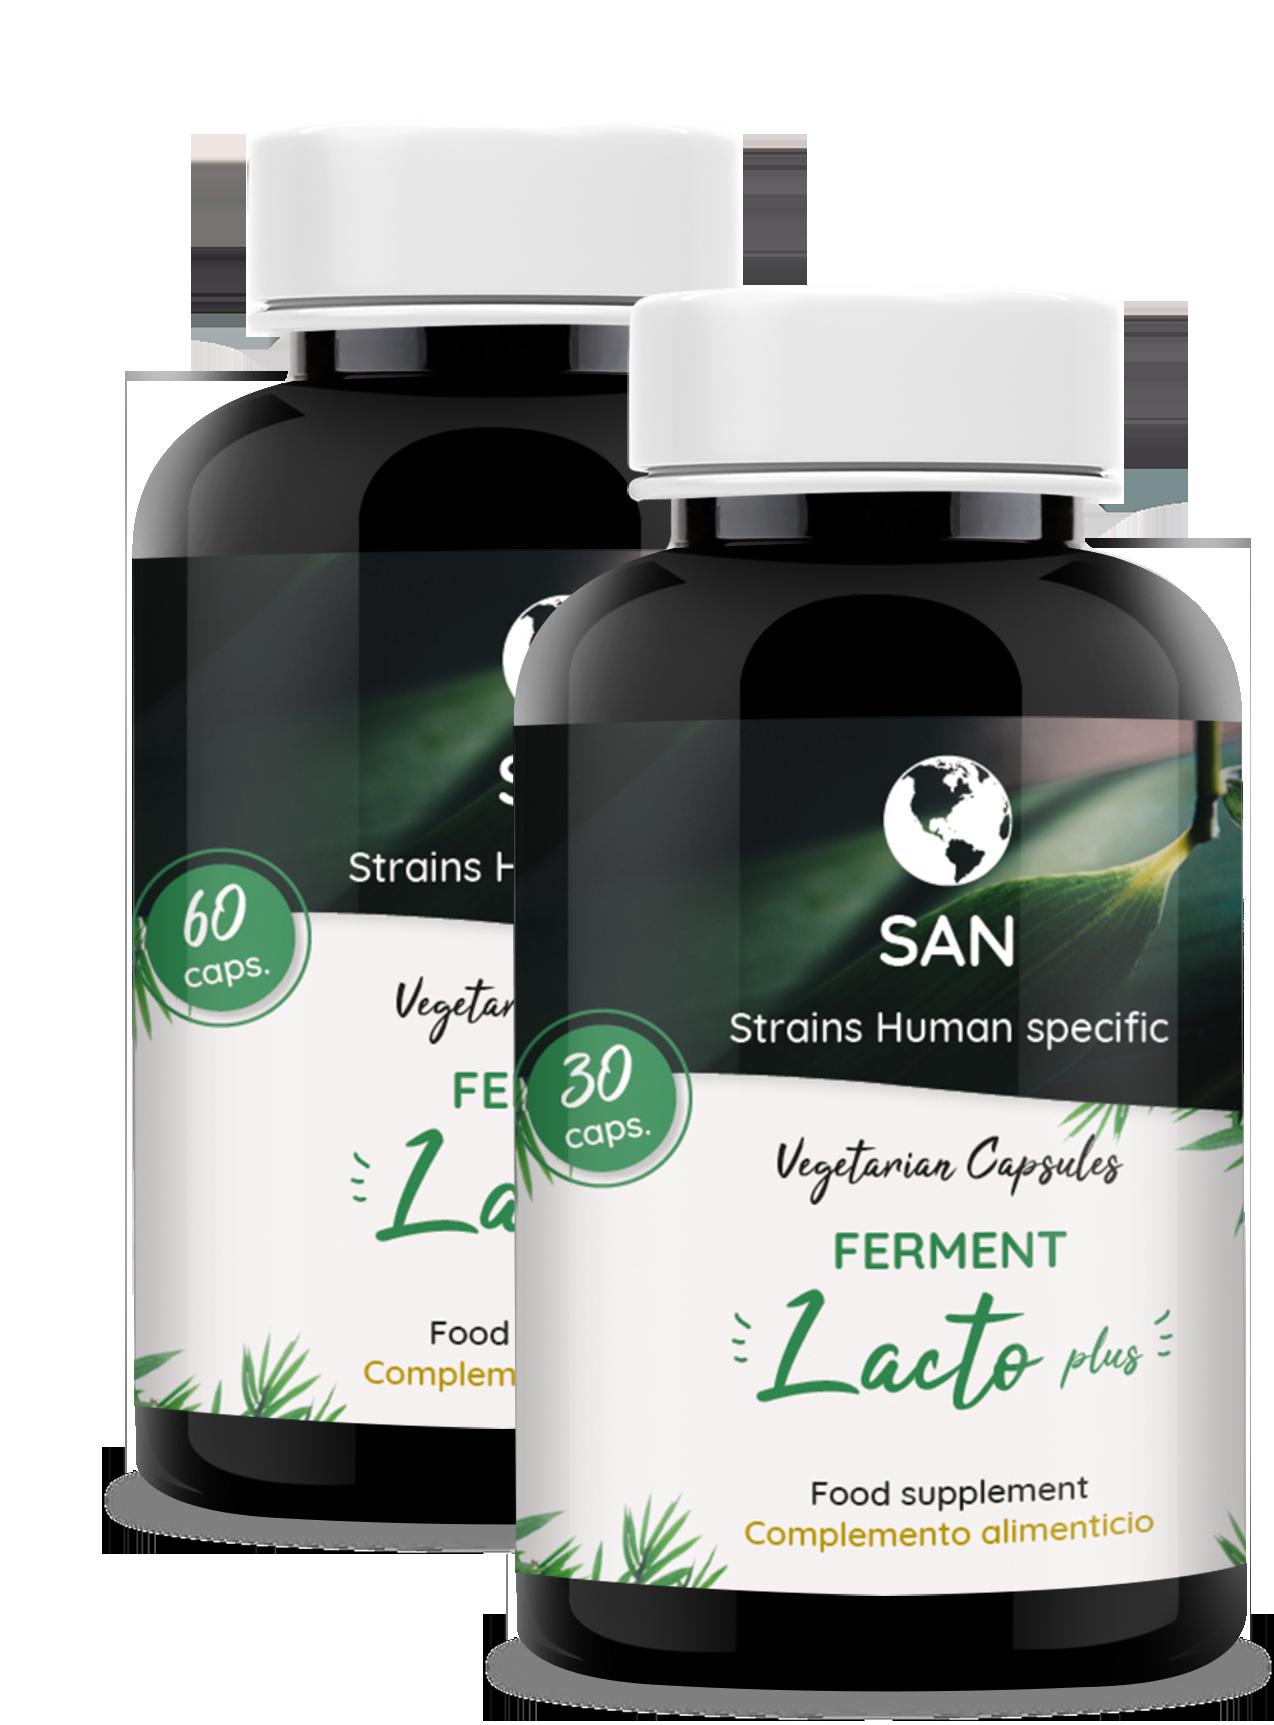 Ferment Lacto plus 60 / 30 - complément alimentaire